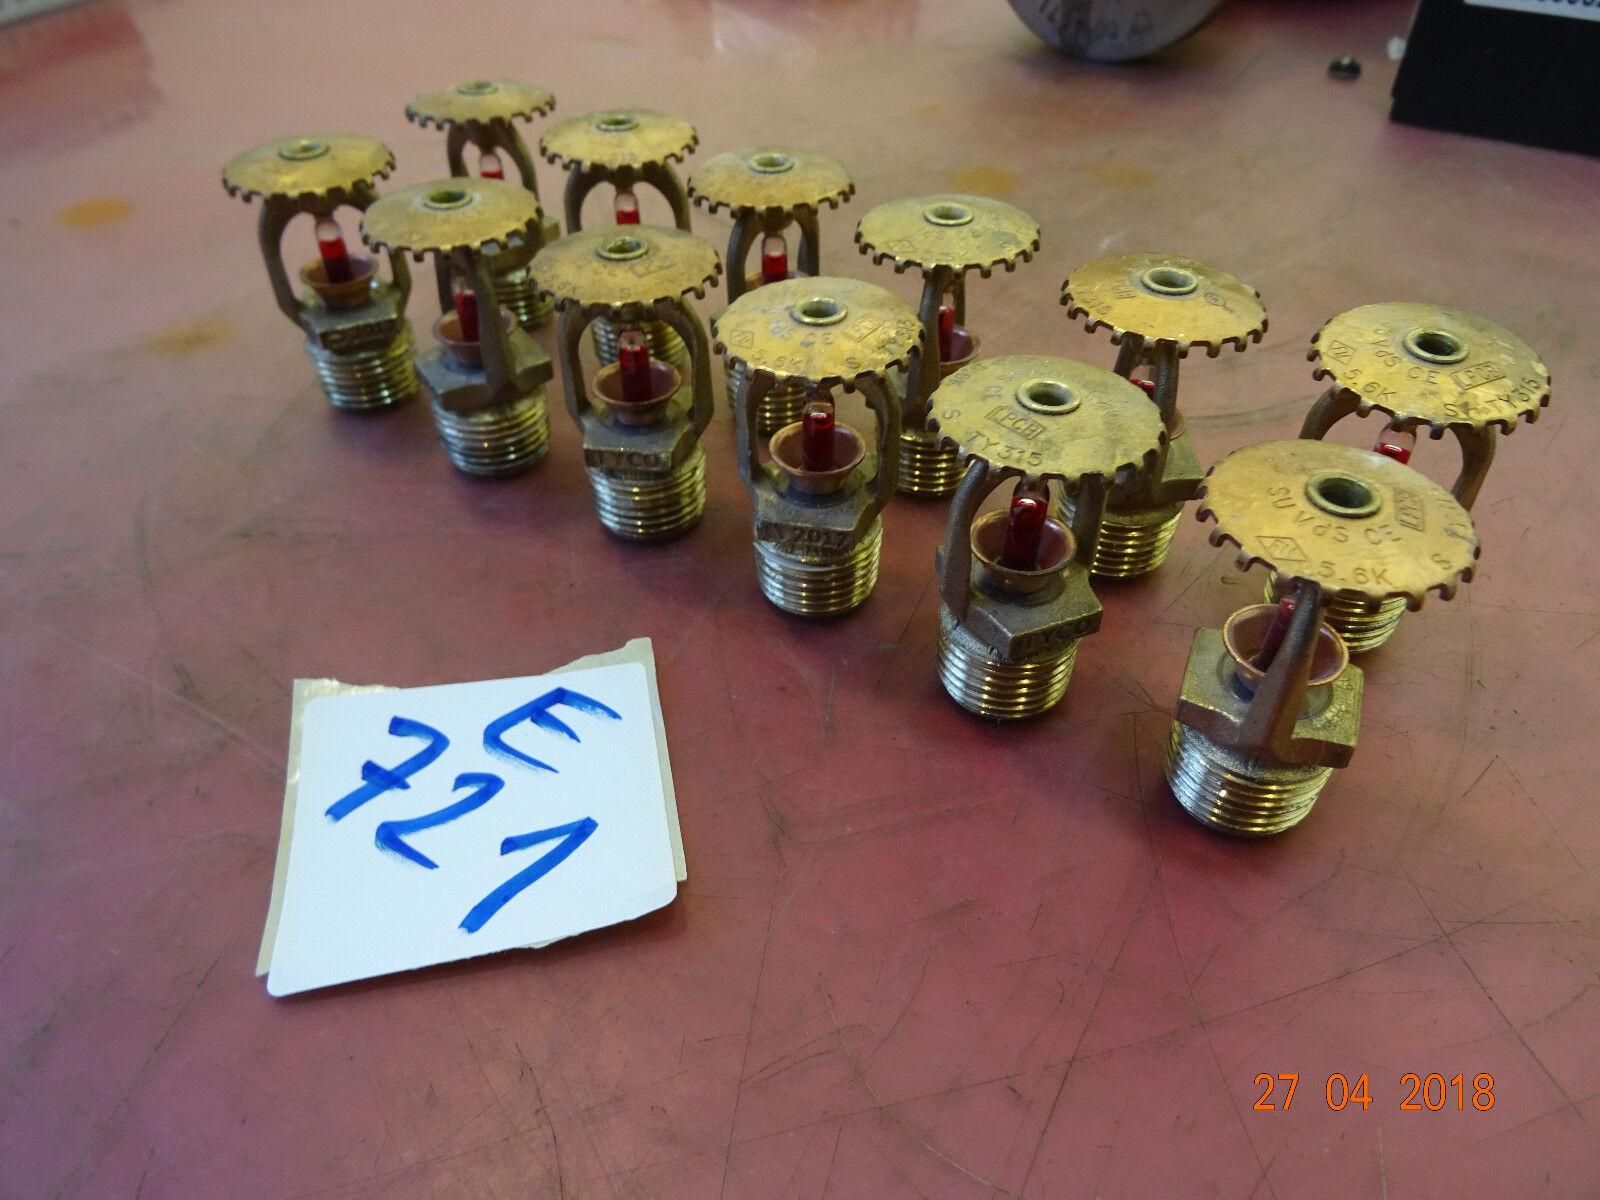 TYCO Sprinklerköpfe     GEBRAUCHT      155° F -  Rot 68°    Lösch Wasser (E721